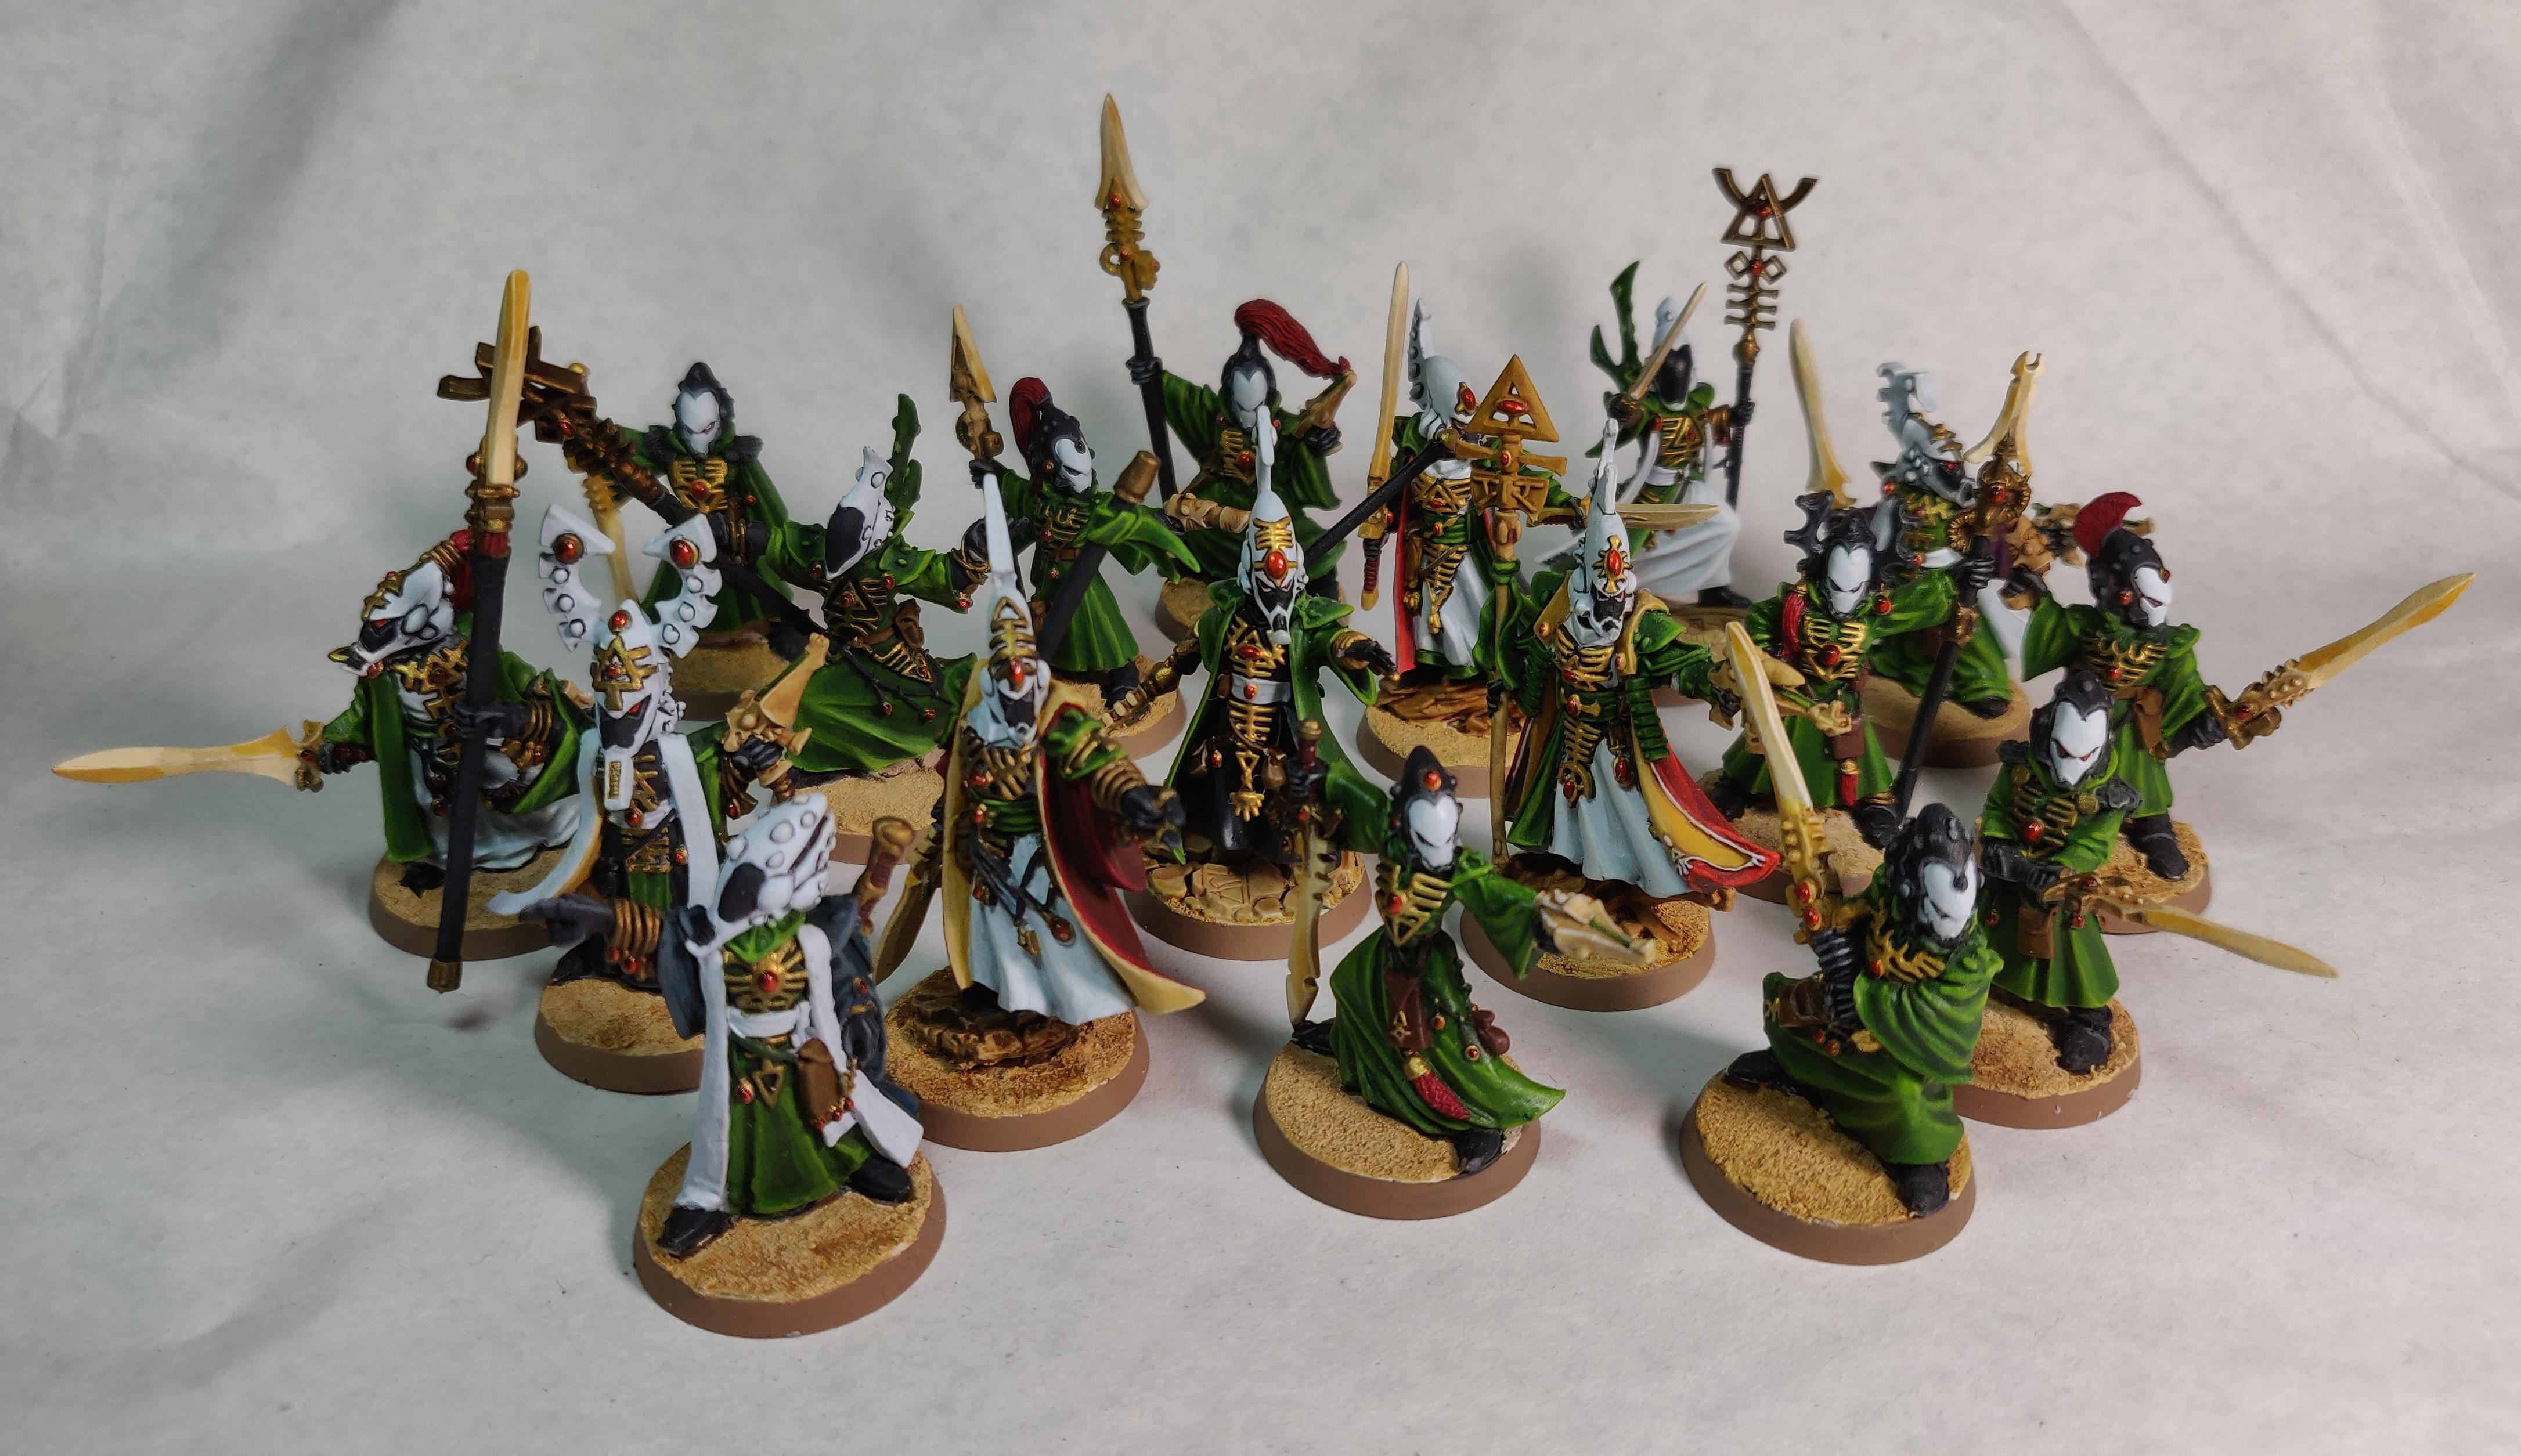 Biel-tan, Farseer, Seer Council, Spiritseer, Warlock